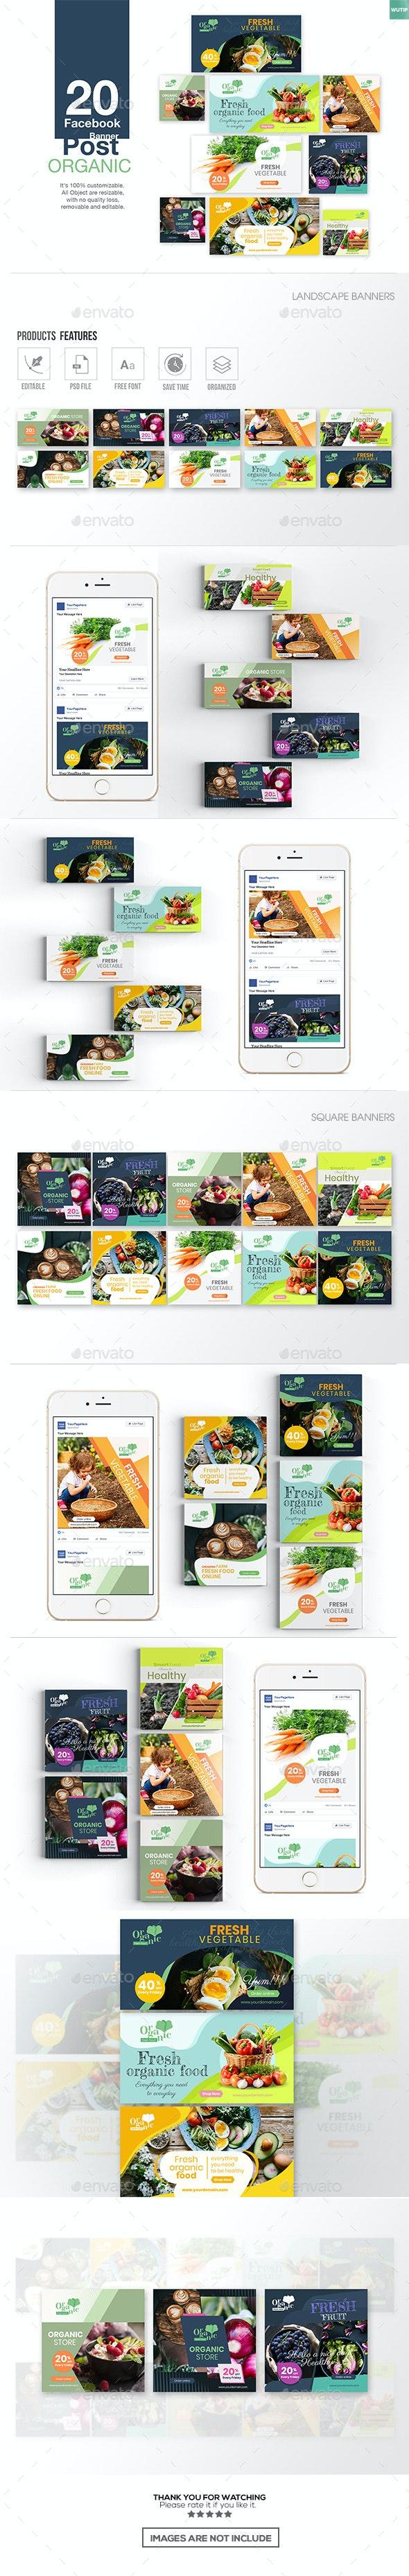 20 Facebook Post Banner - Organic - Miscellaneous Social Media